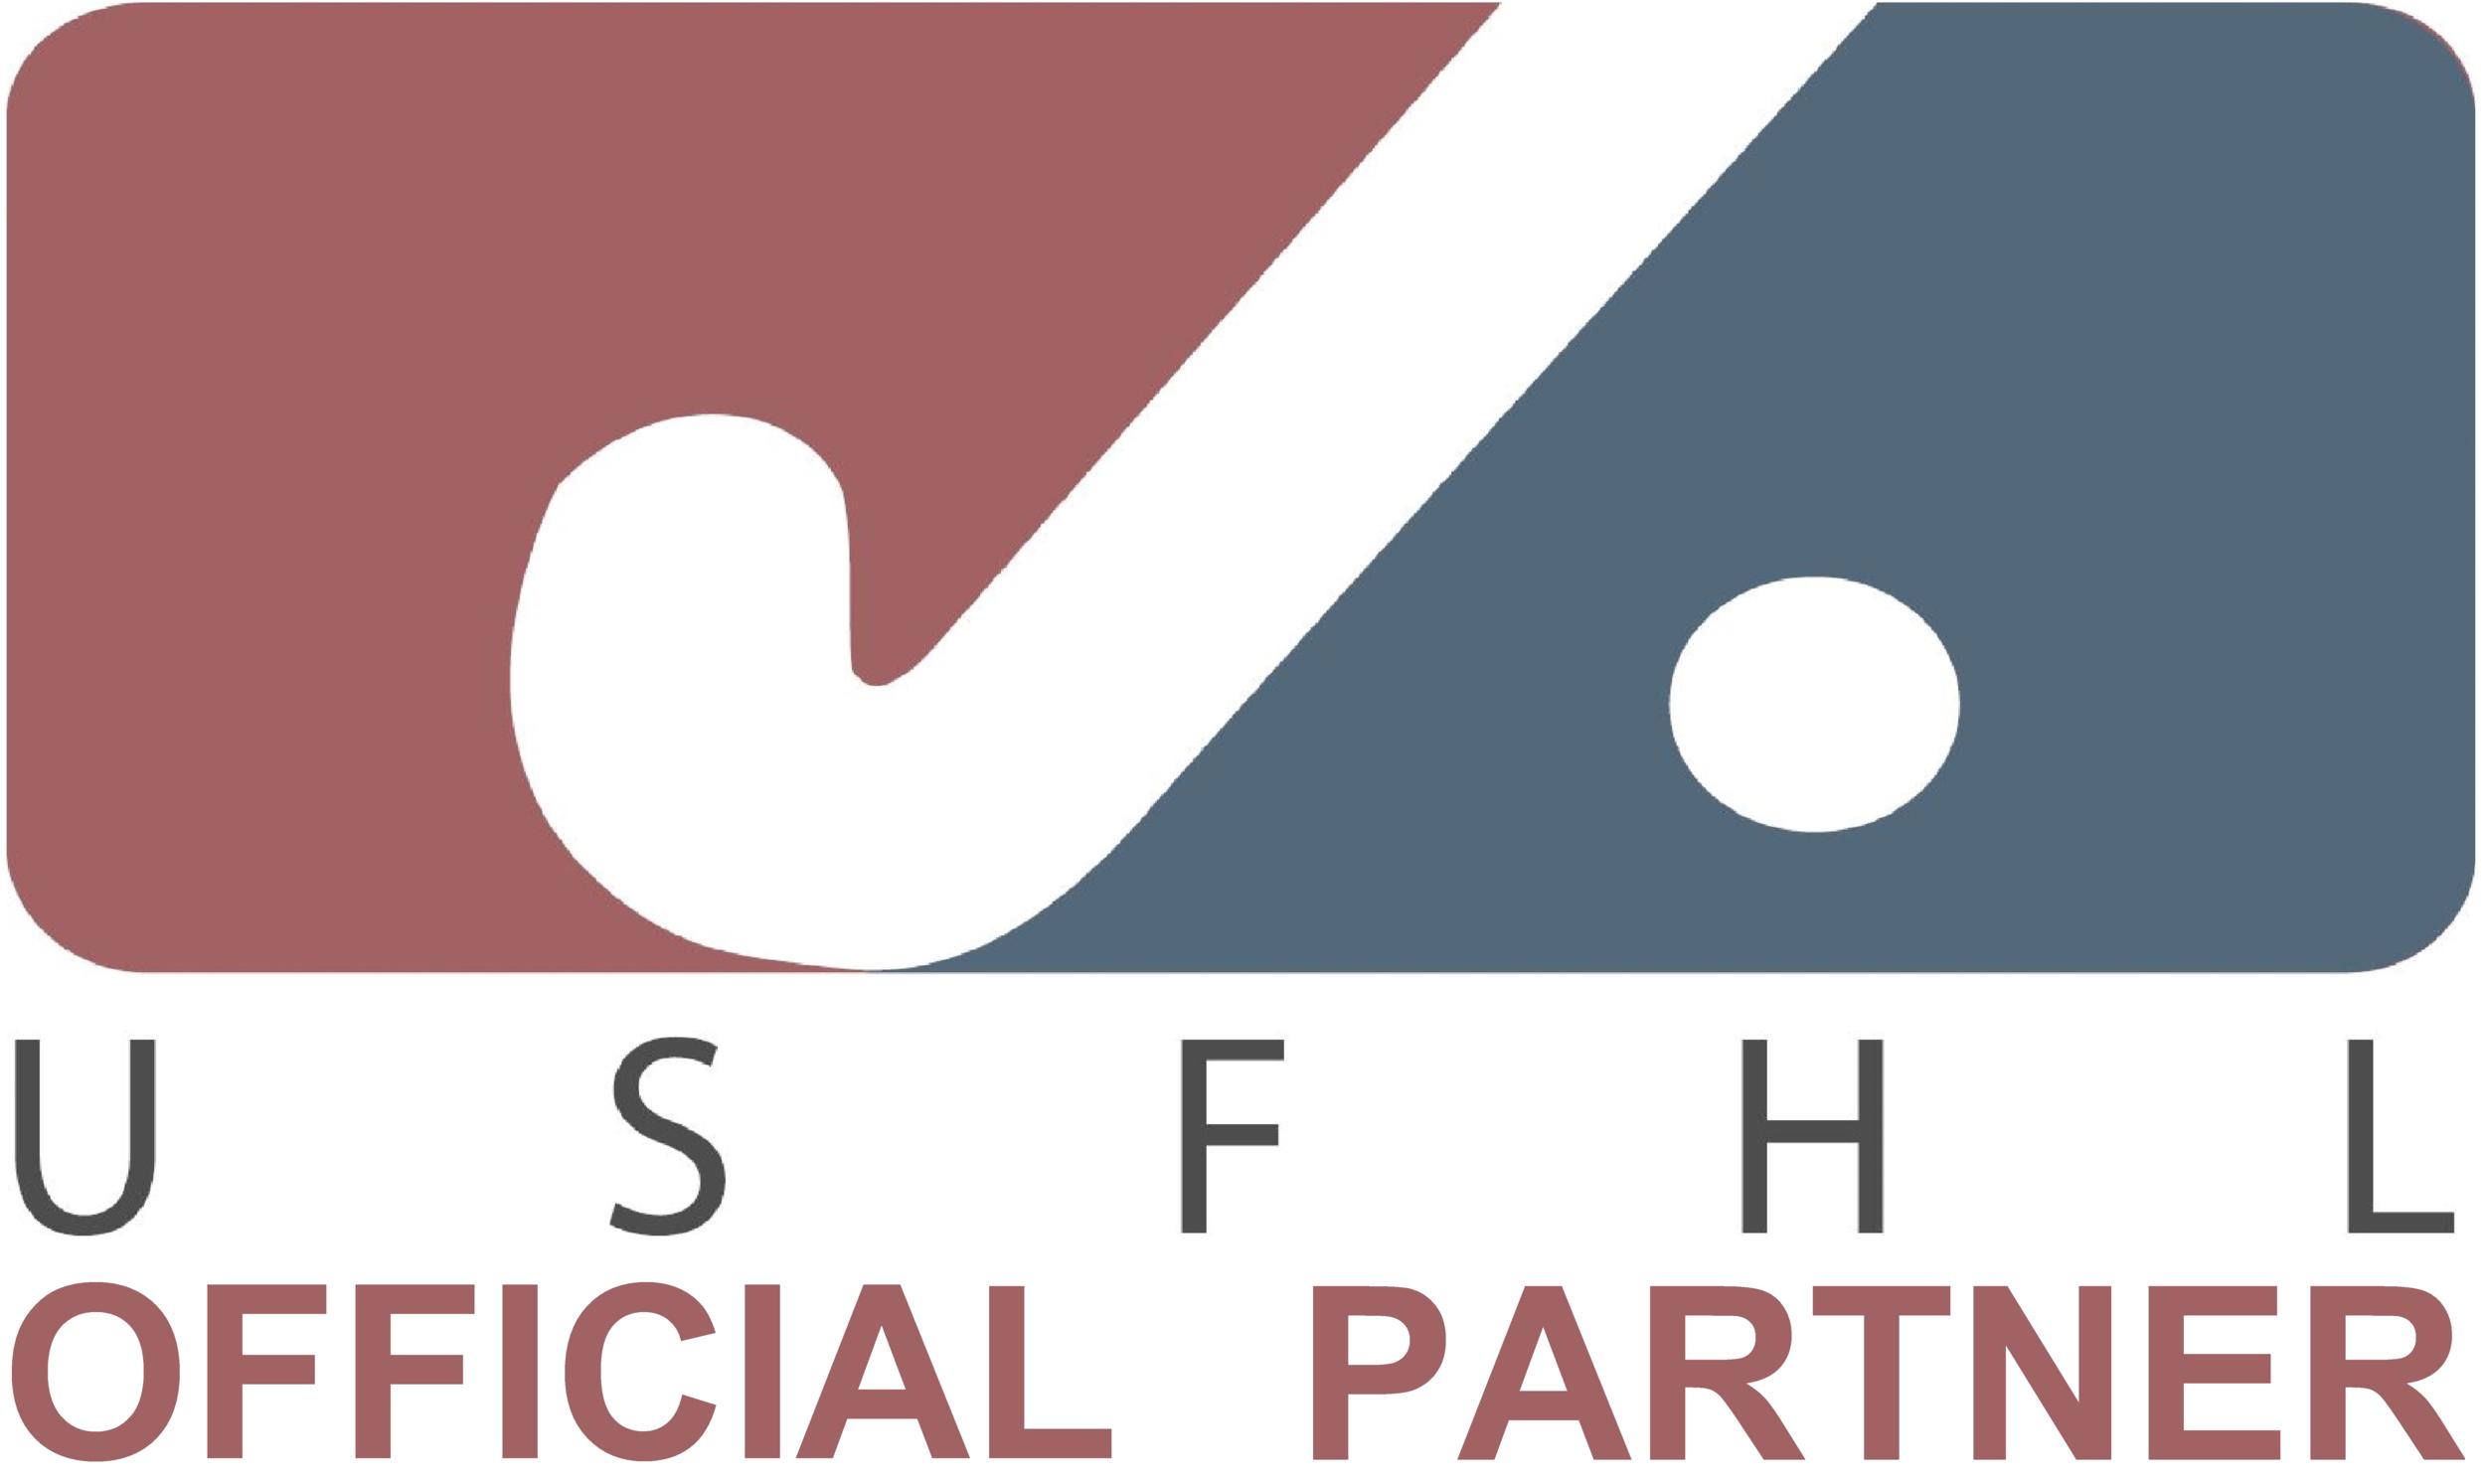 USFHL Logo Official Partner.png